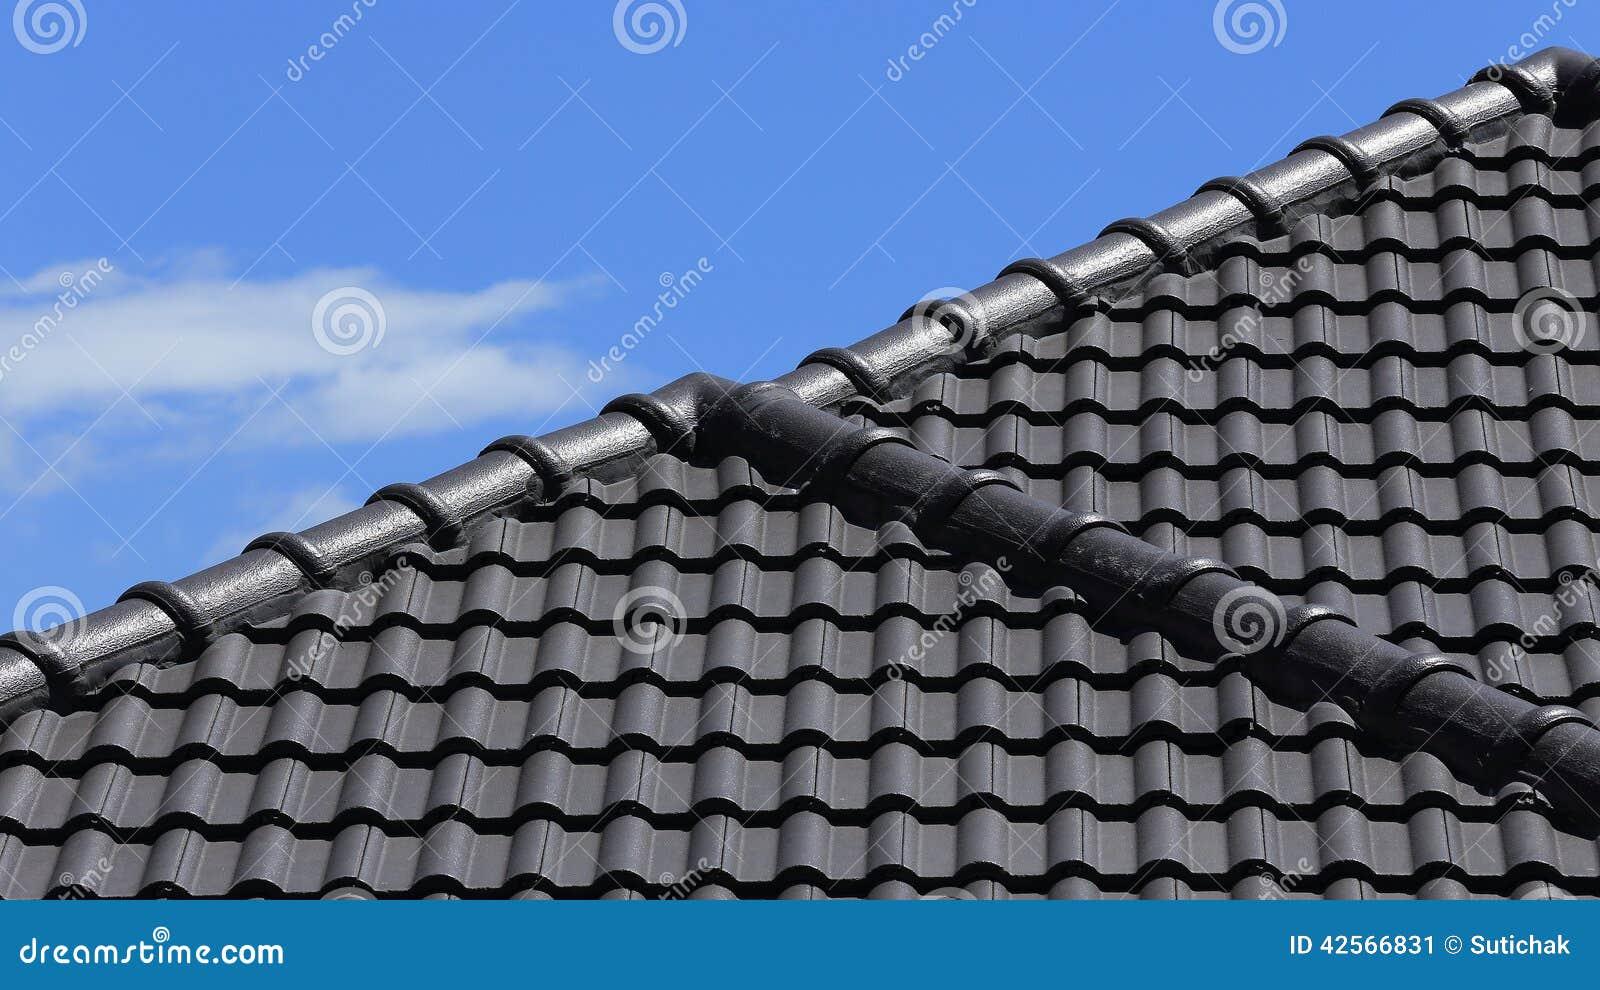 Een Nieuw Huis : Zwart tegelsdak op een nieuw huis stock afbeelding afbeelding